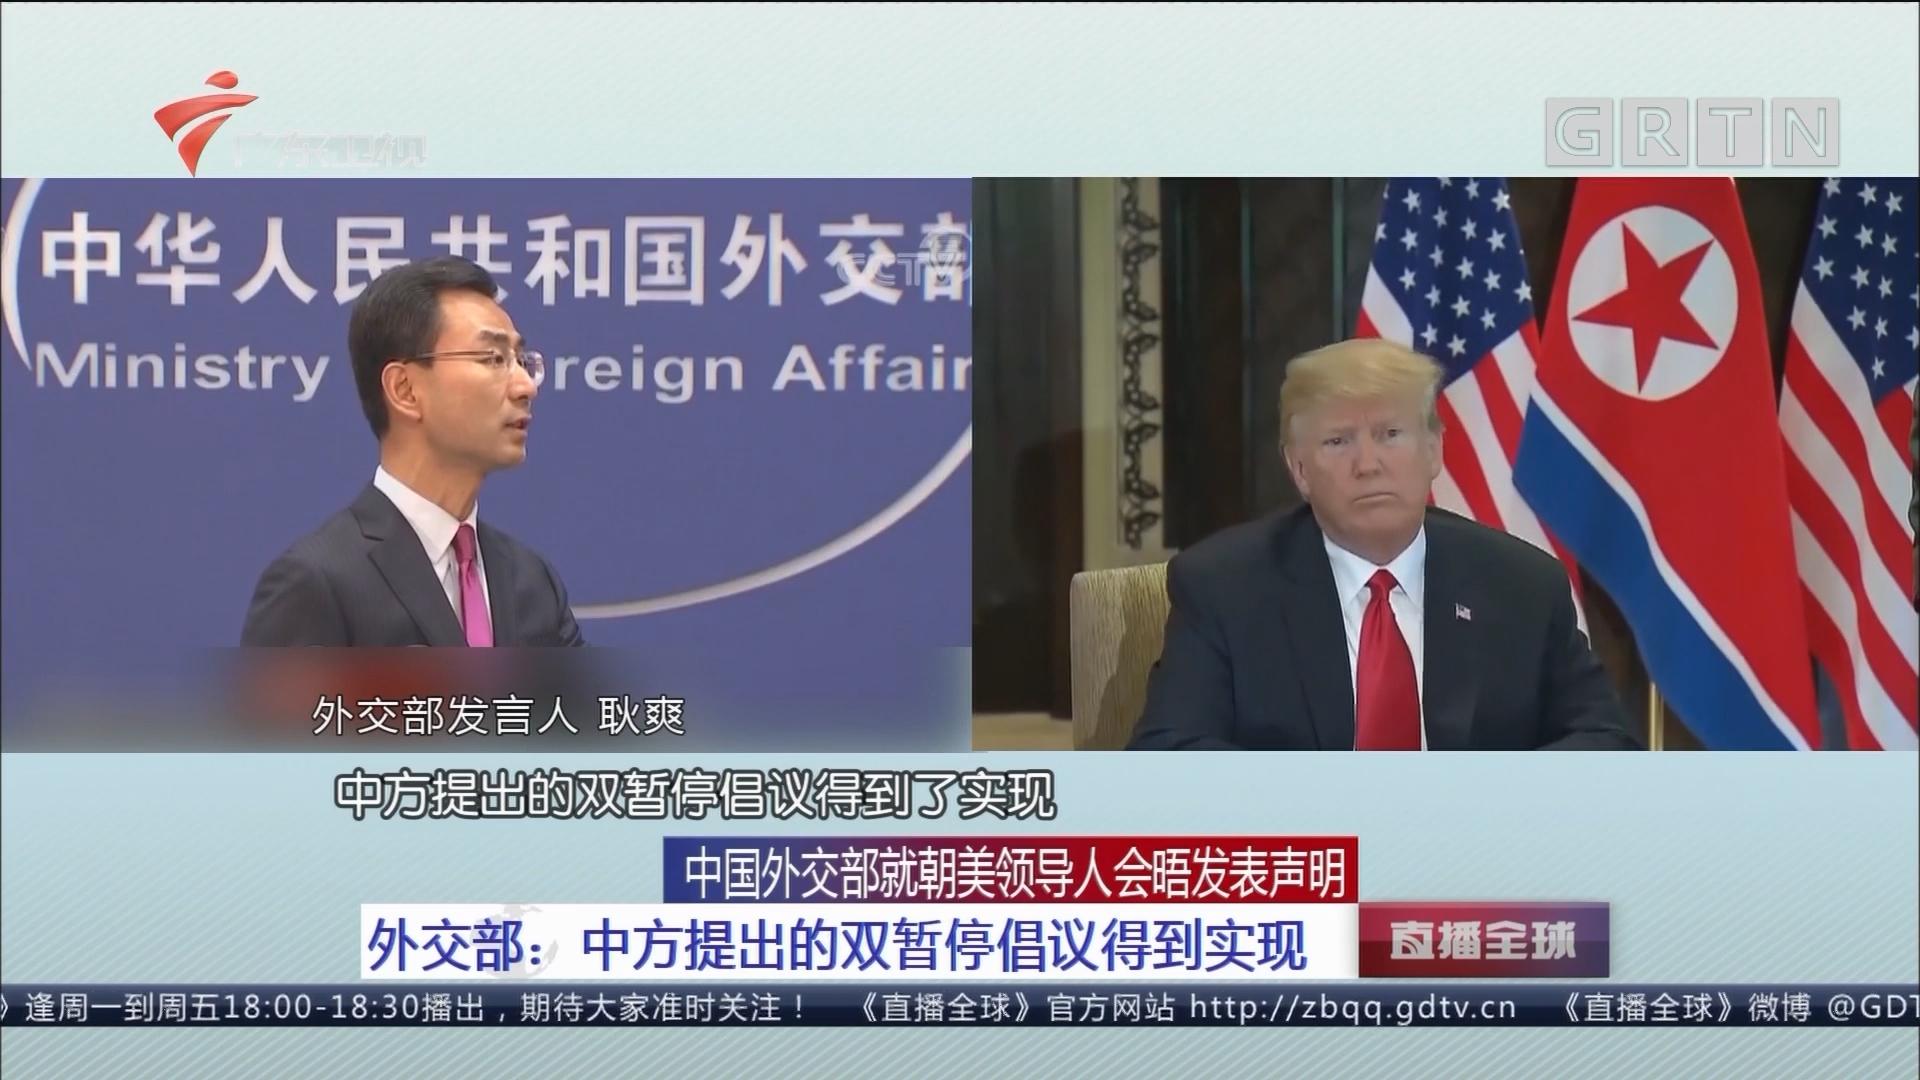 中国外交部就朝美领导人会晤发表声明 外交部:中方提出的双暂停倡议得到实现